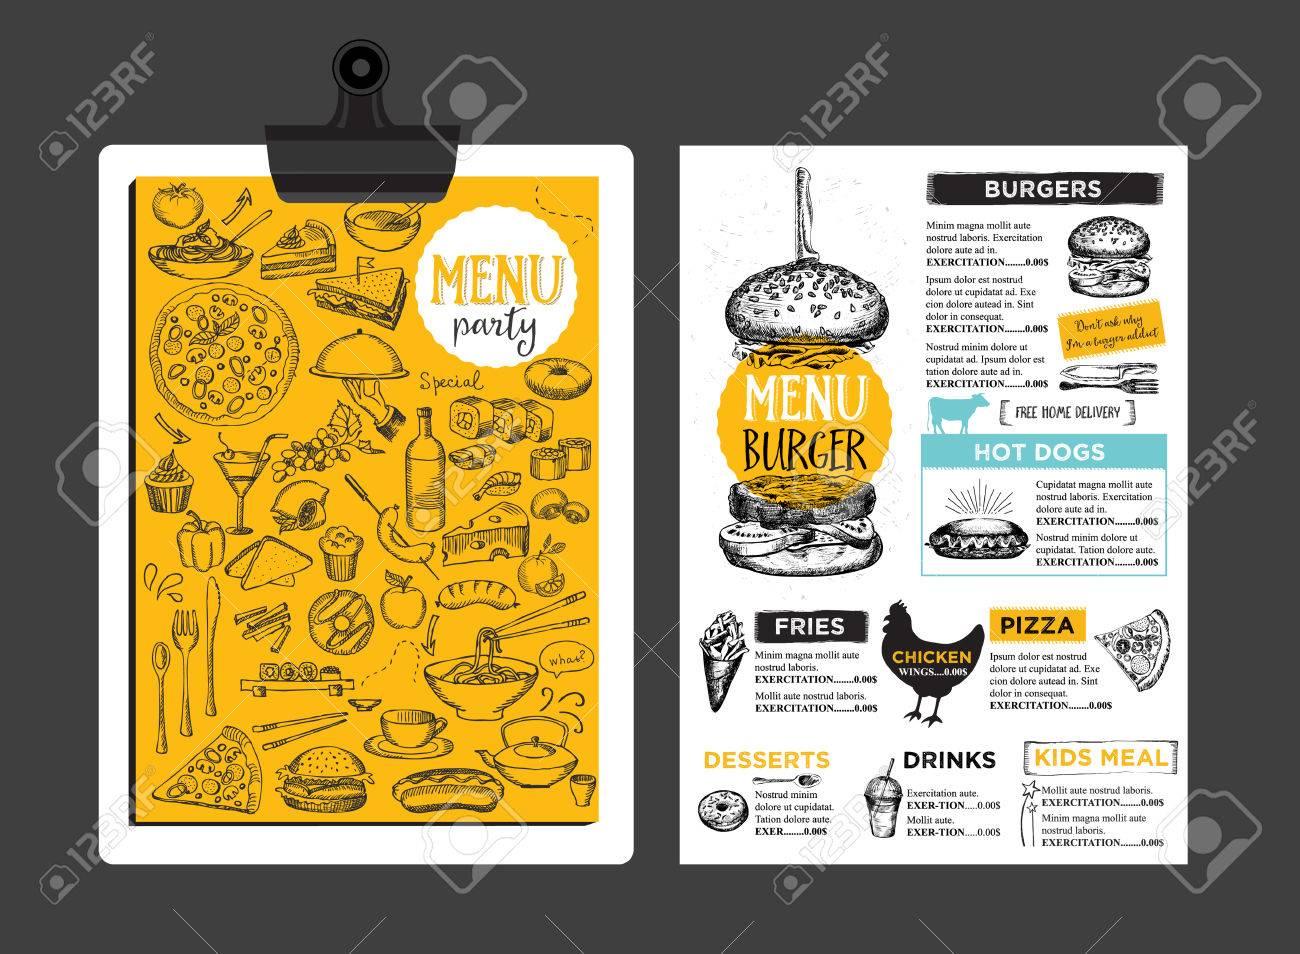 La Colocación De Menú Folleto Restaurante De Comida, Diseño De ...